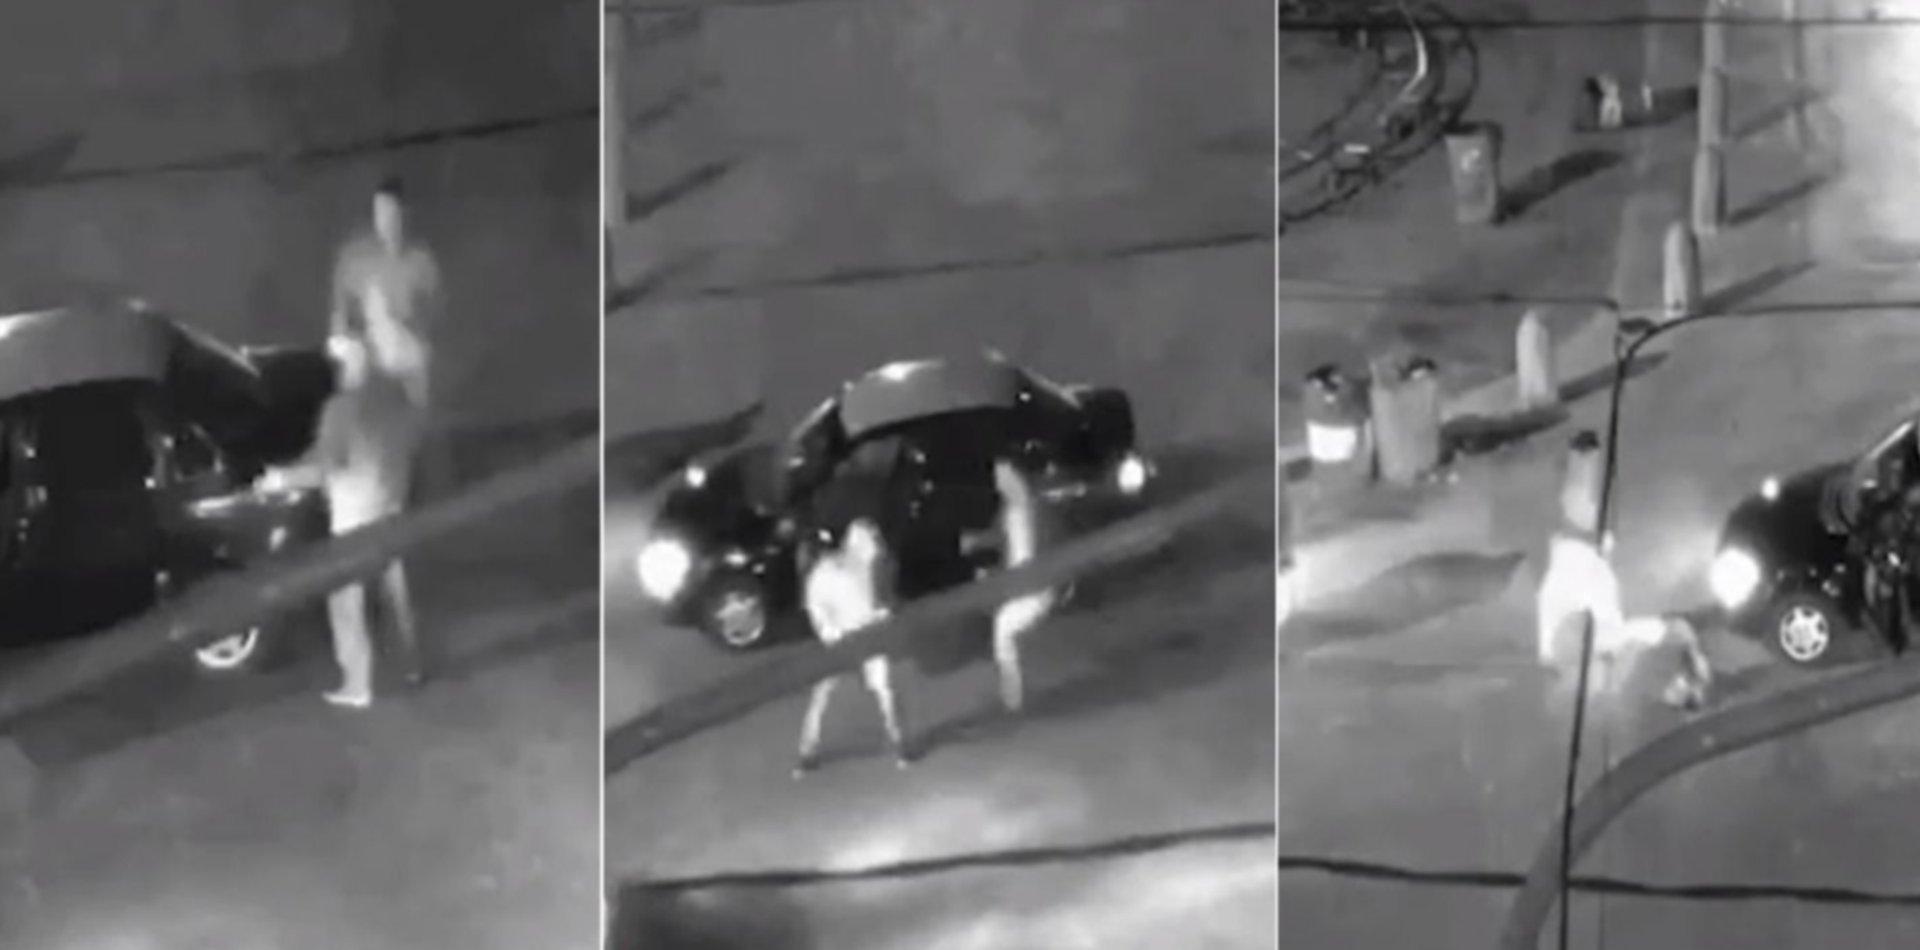 De condicional a perpetua: las condenas que podría recibir el hombre que mató al taxista